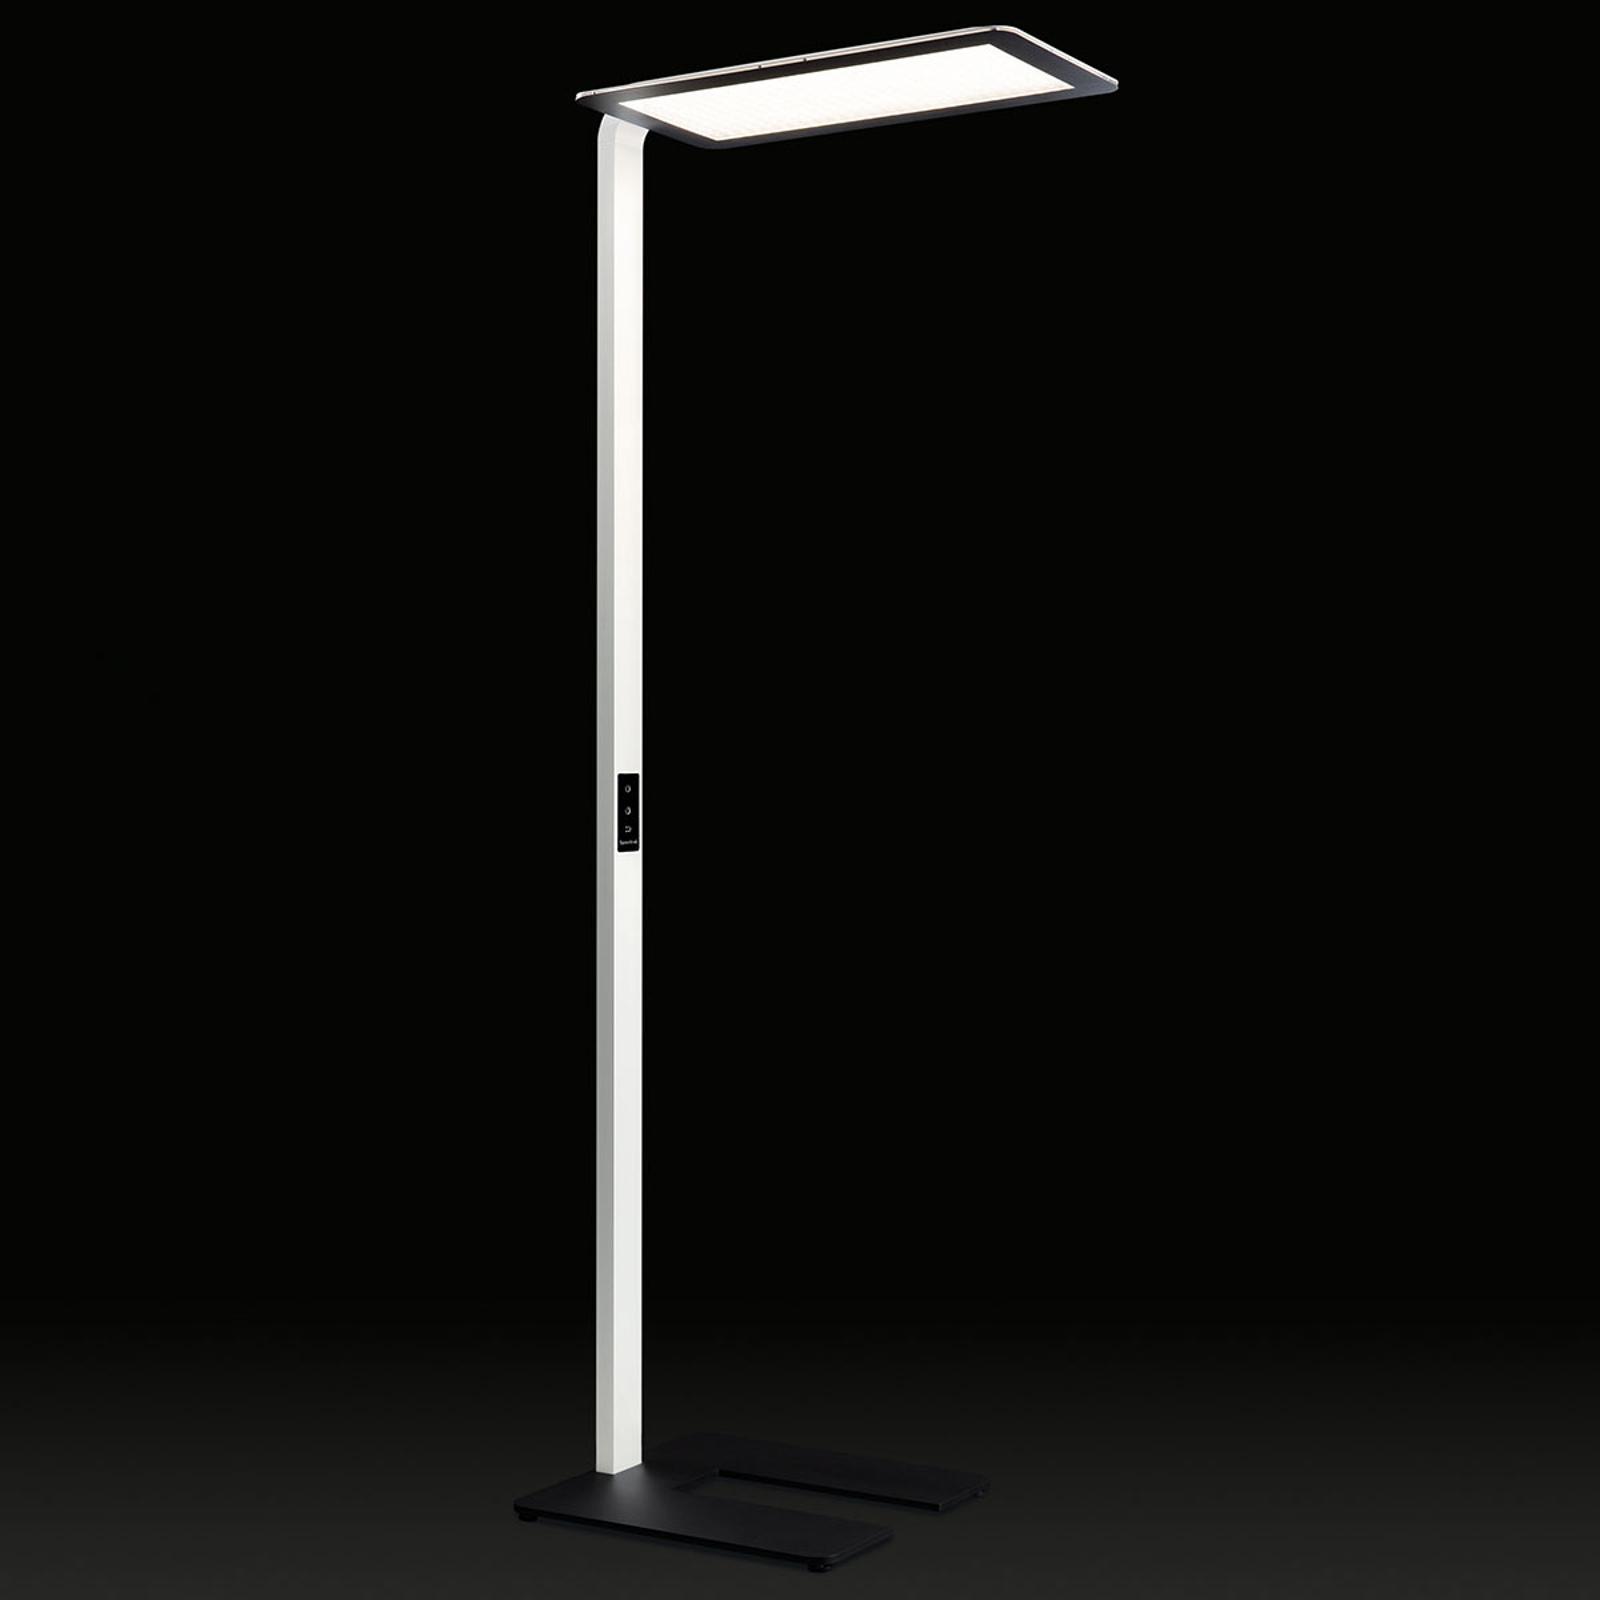 Dome-S-KG lampa stojąca LED dla biur